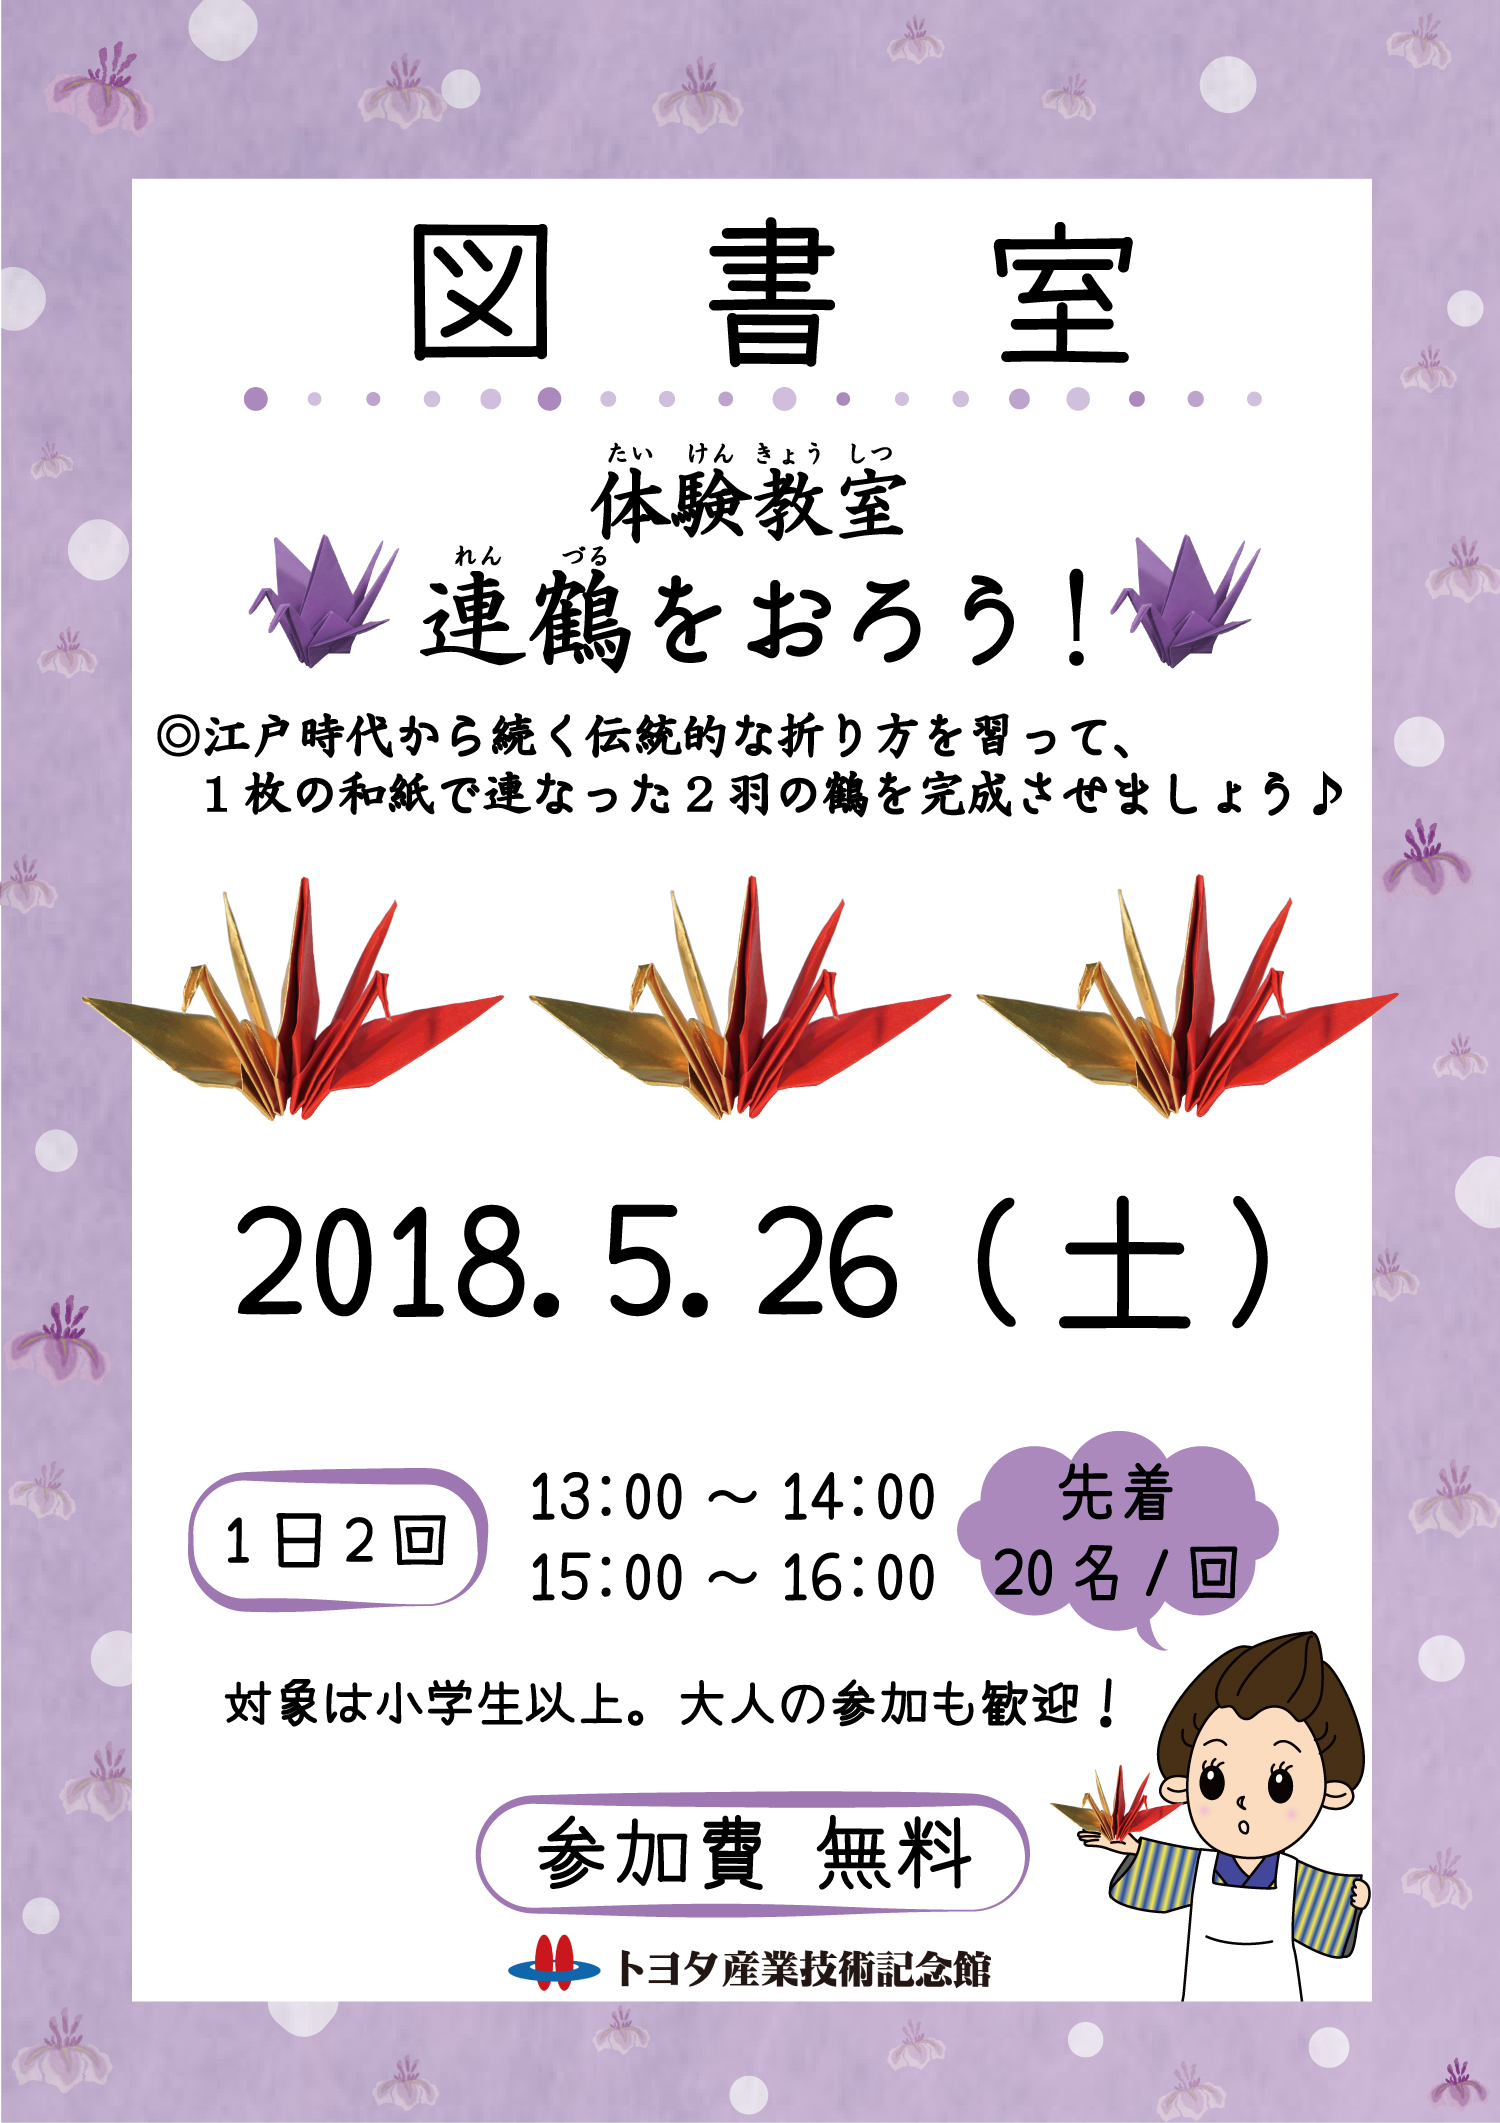 【CS5】0526_連鶴をおろう!